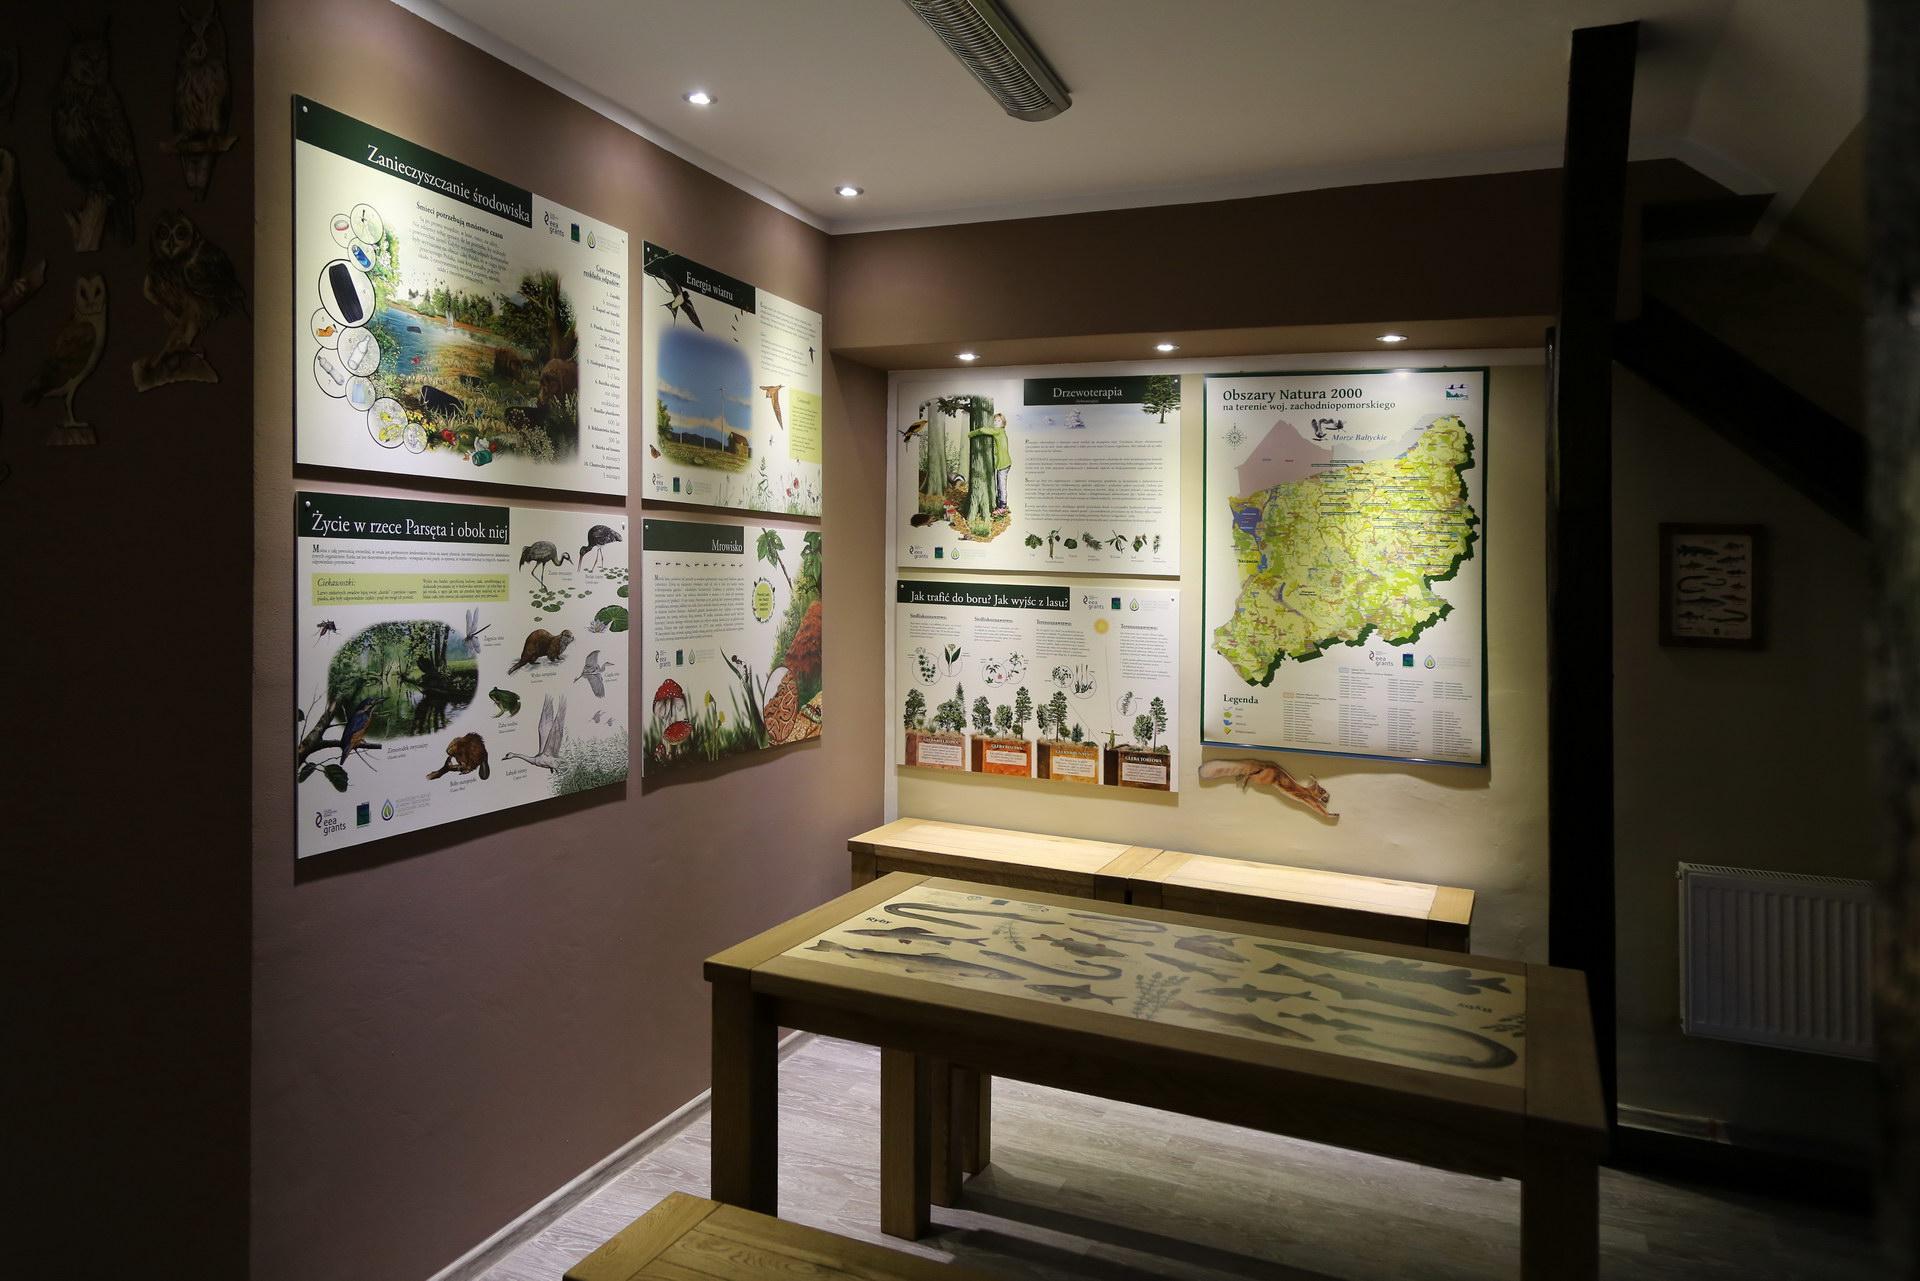 Izby edukacyjne lesne - sale przyrodnicze, wystroj wnetrz - SP w Bornem Sulinowie (3)